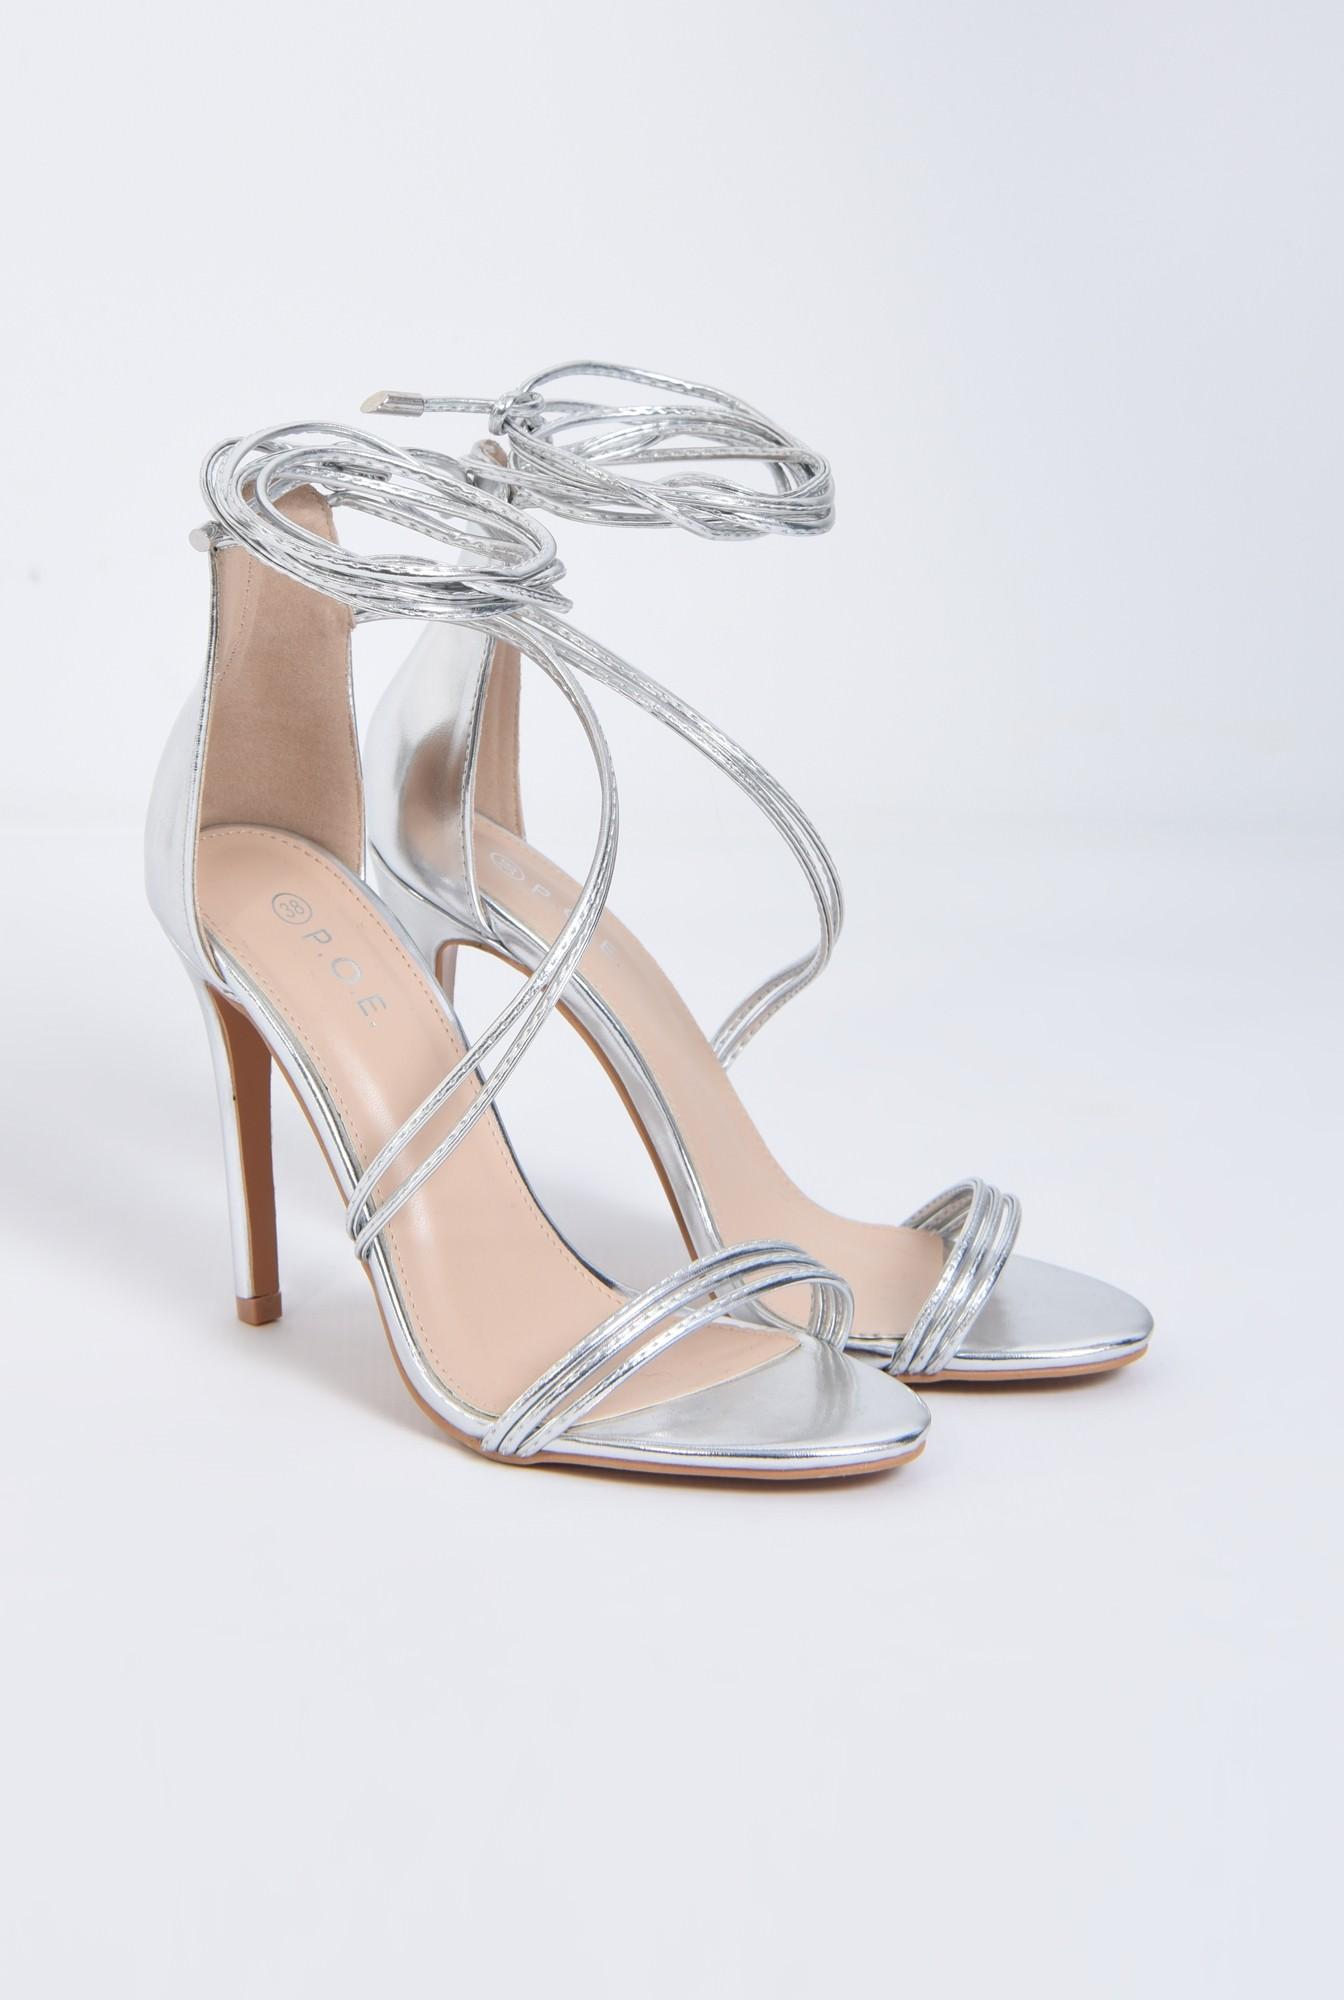 2 - sandale de ocazie, argintiu, metalizat, toc inalt